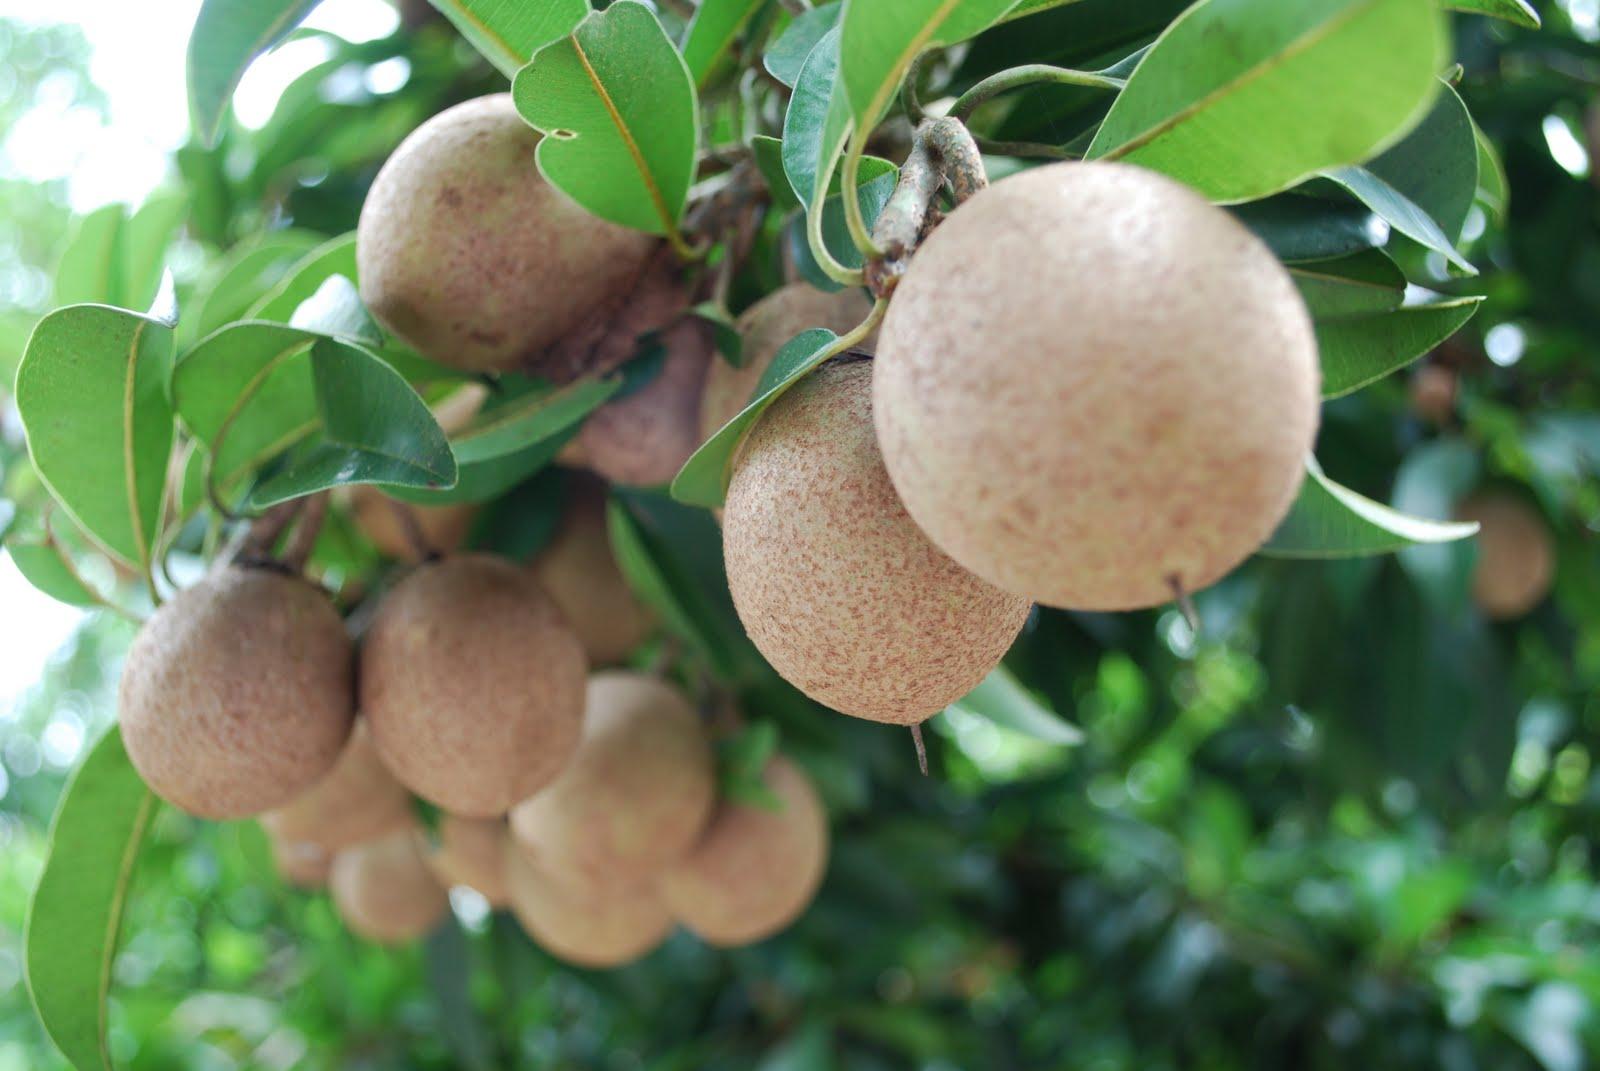 ky thuat trong cay sa po che cay hong xiem cho trai sai 1 - Kỹ thuật trồng cây sa-pô-chê cây hồng xiêm cho trái sai